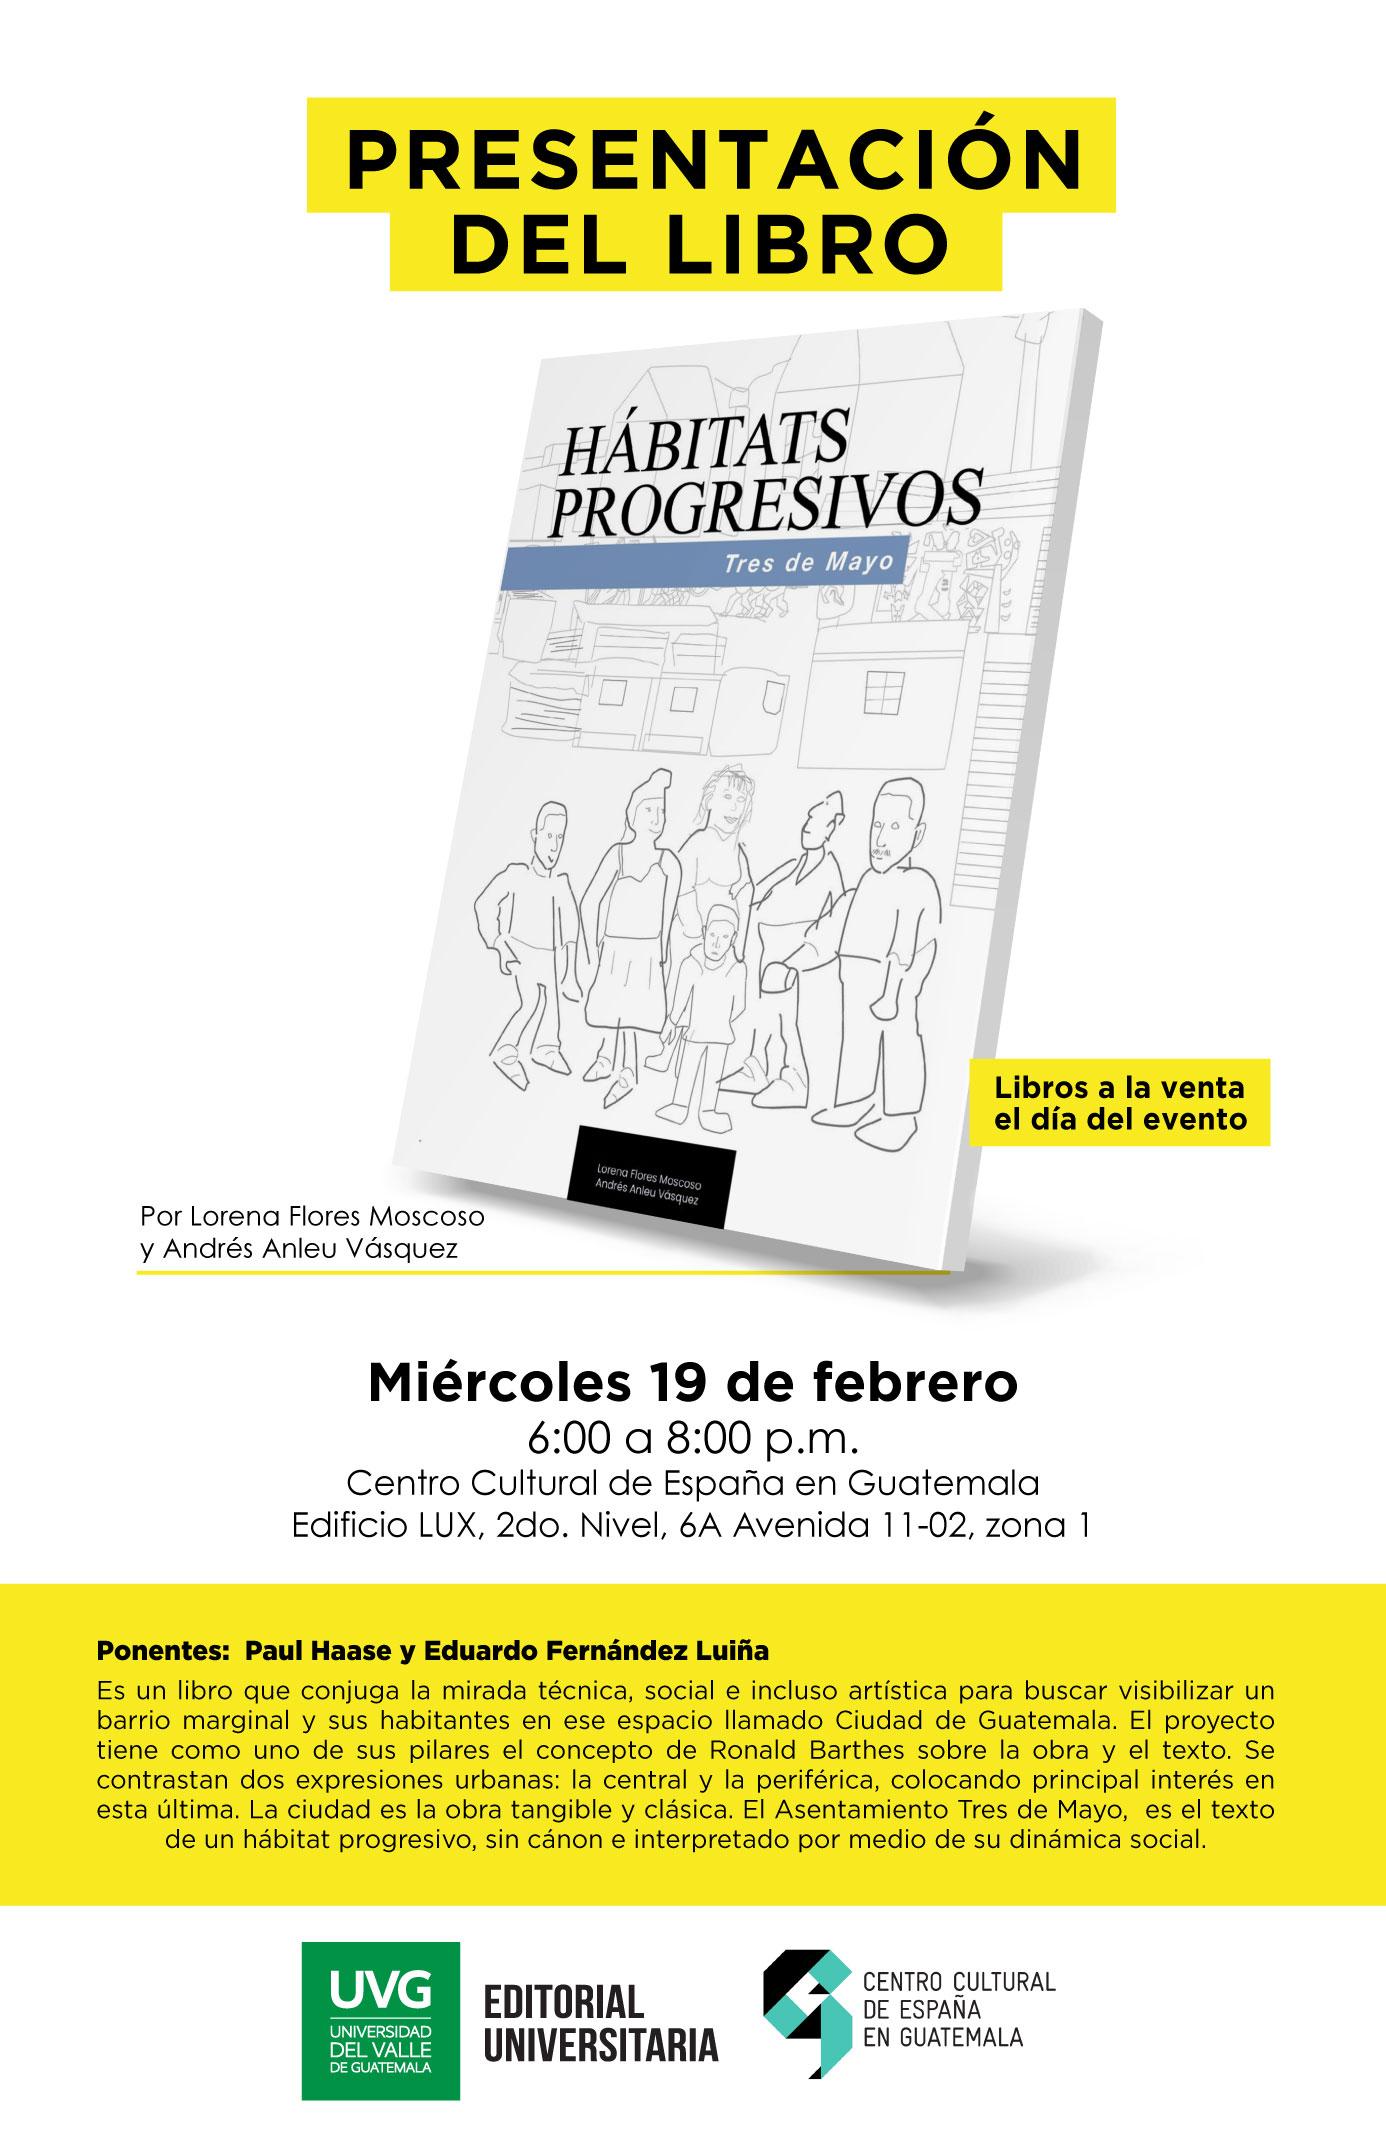 PRESENTACIÓN LIBRO HÁBITATS PROGRESIVOS